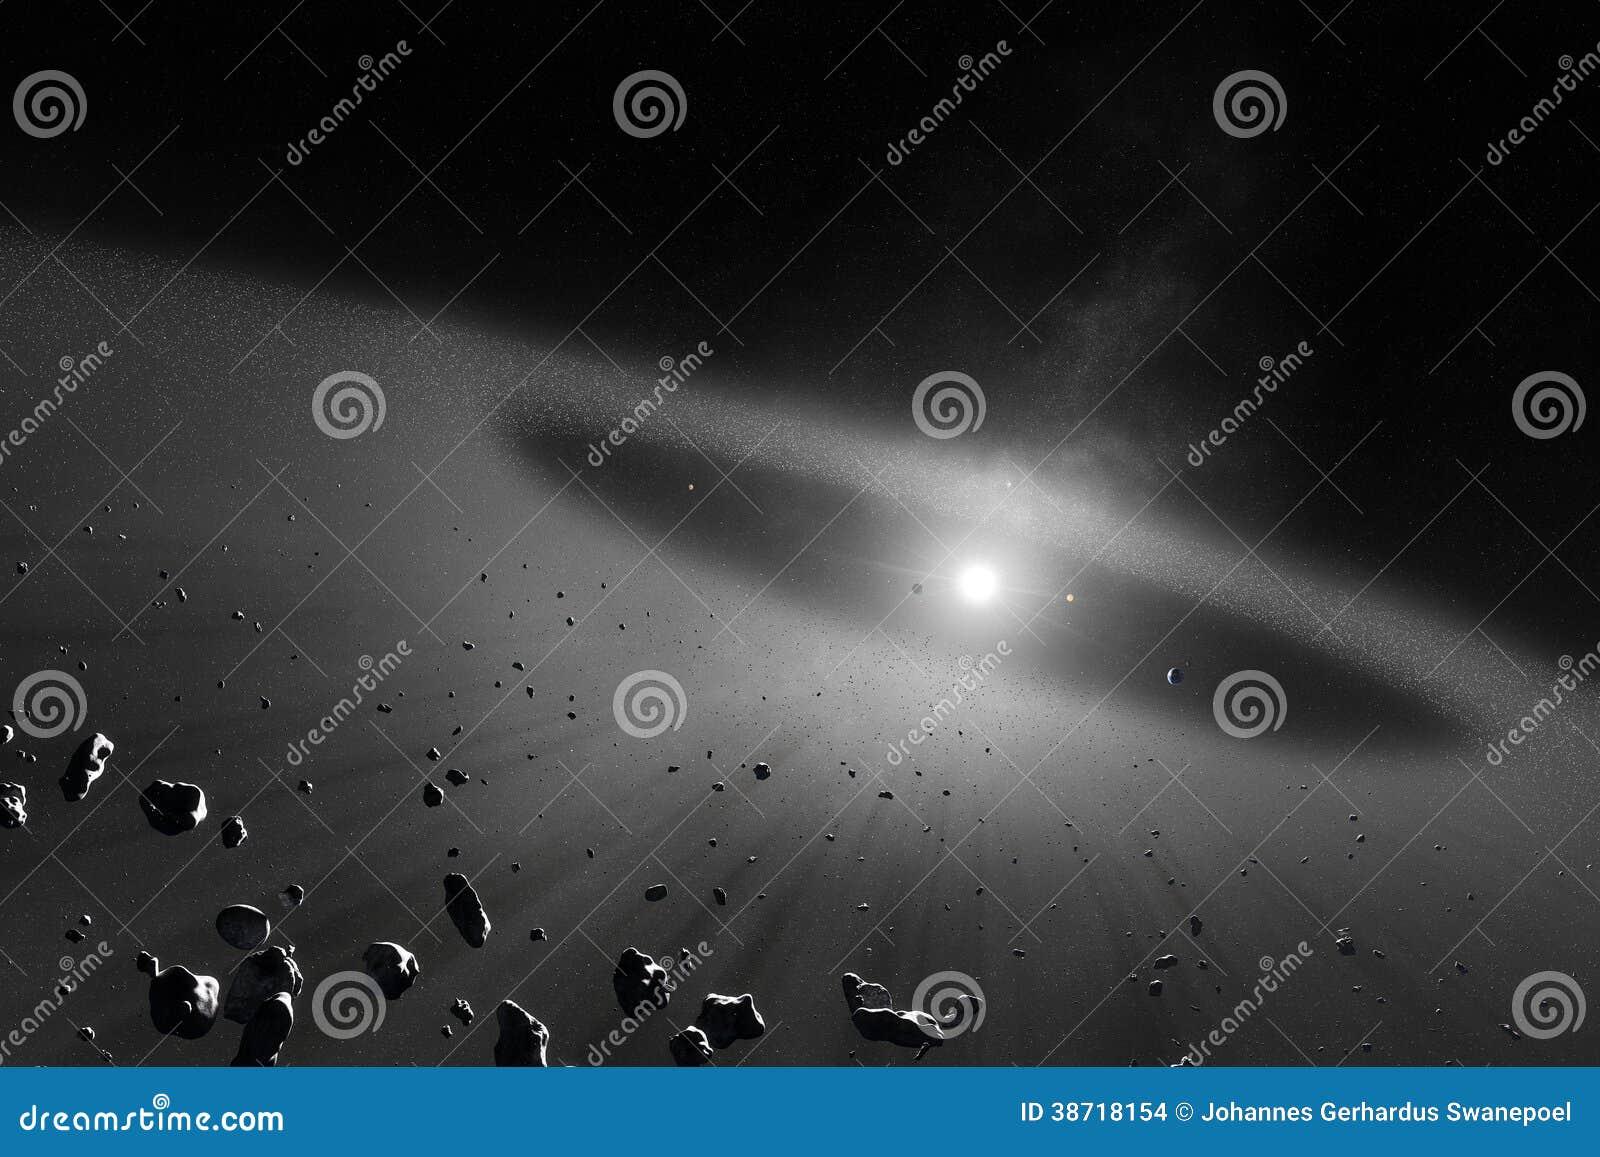 venus on asteroid belt - photo #9